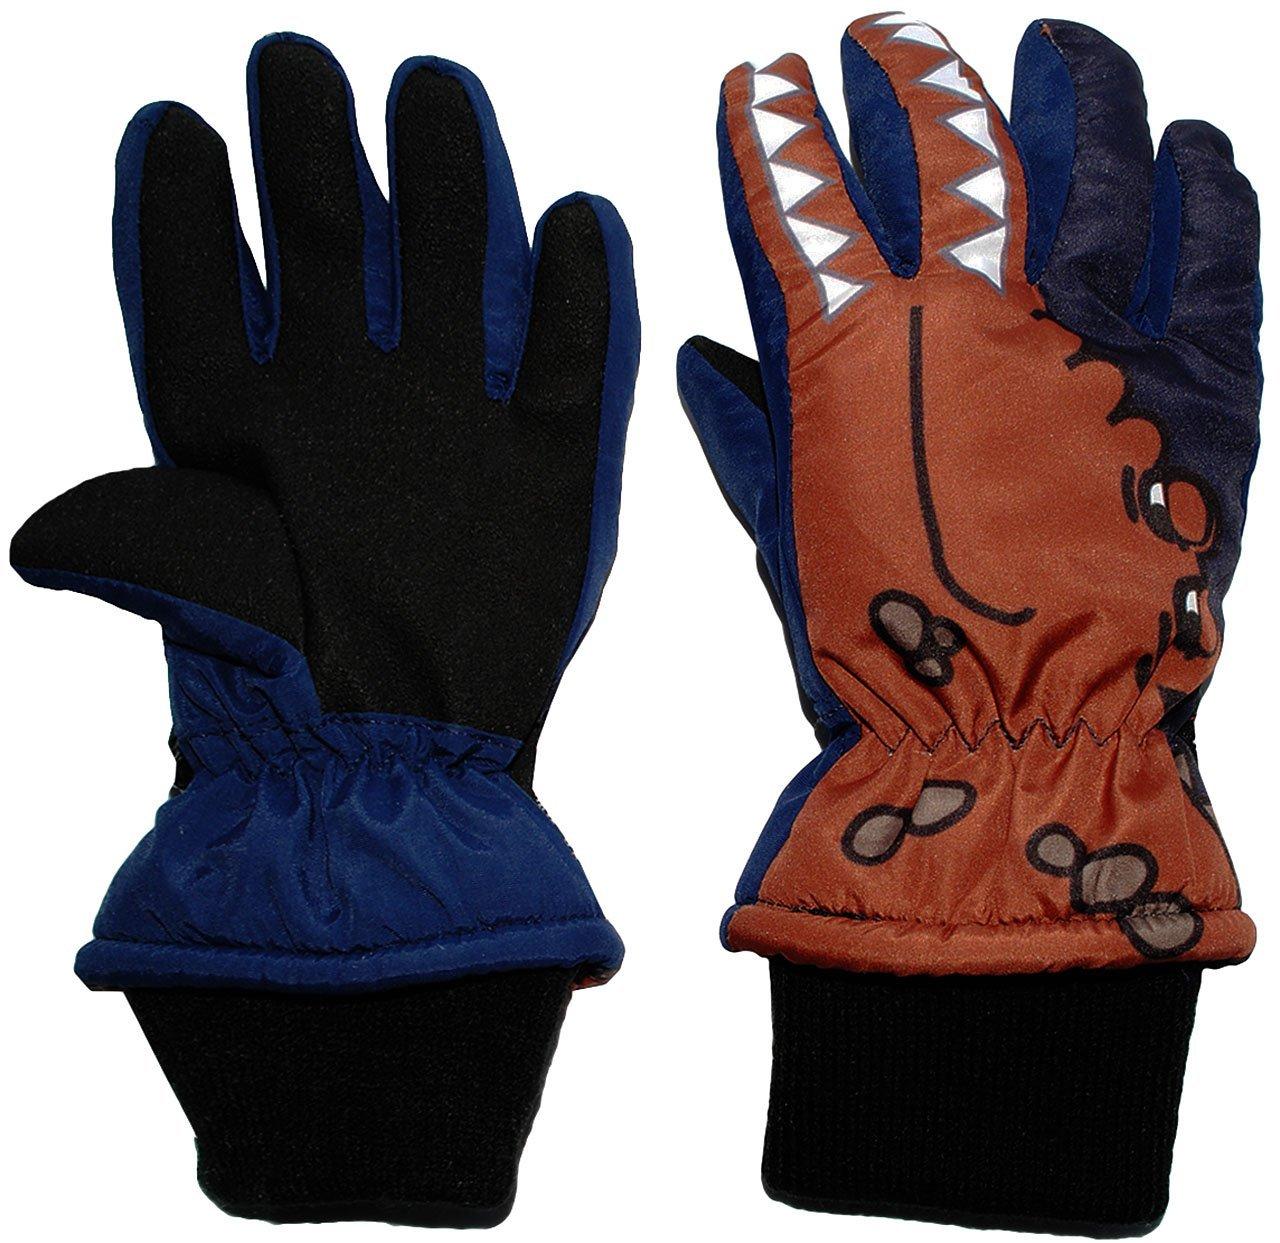 alles-meine.de GmbH Fingerhandschuhe mit Schaft / Strick Bündchen - Krokodil blau - Größe: 2 bis 4 Jahre - Thermo gefüttert Thermohandschuh - wasserdicht + atmungsaktiv Thins..